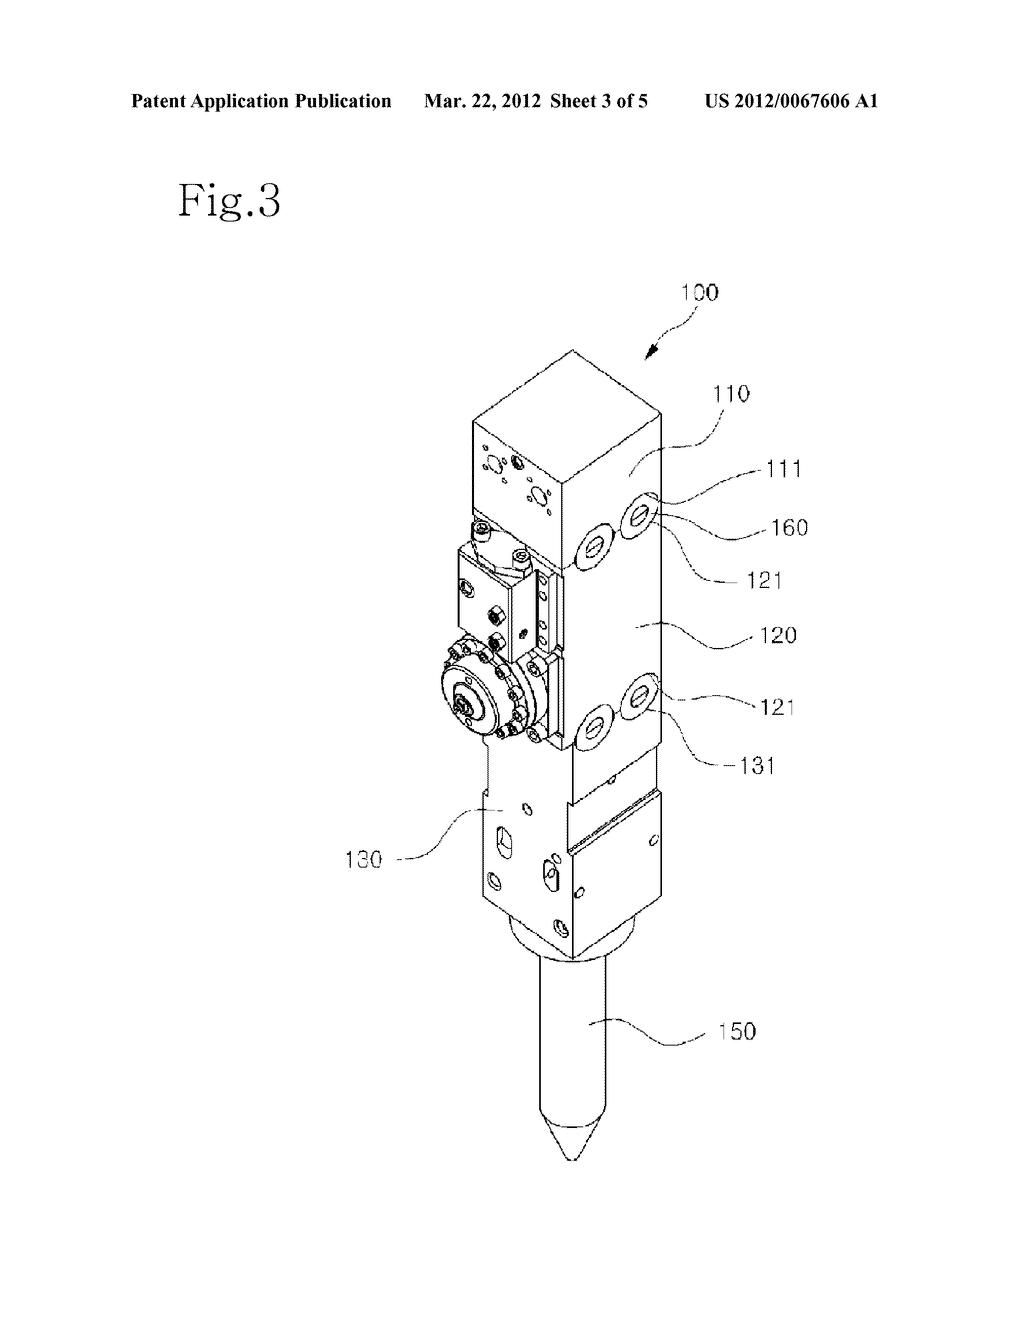 Wiring Diagram For Hydraulic Hammer